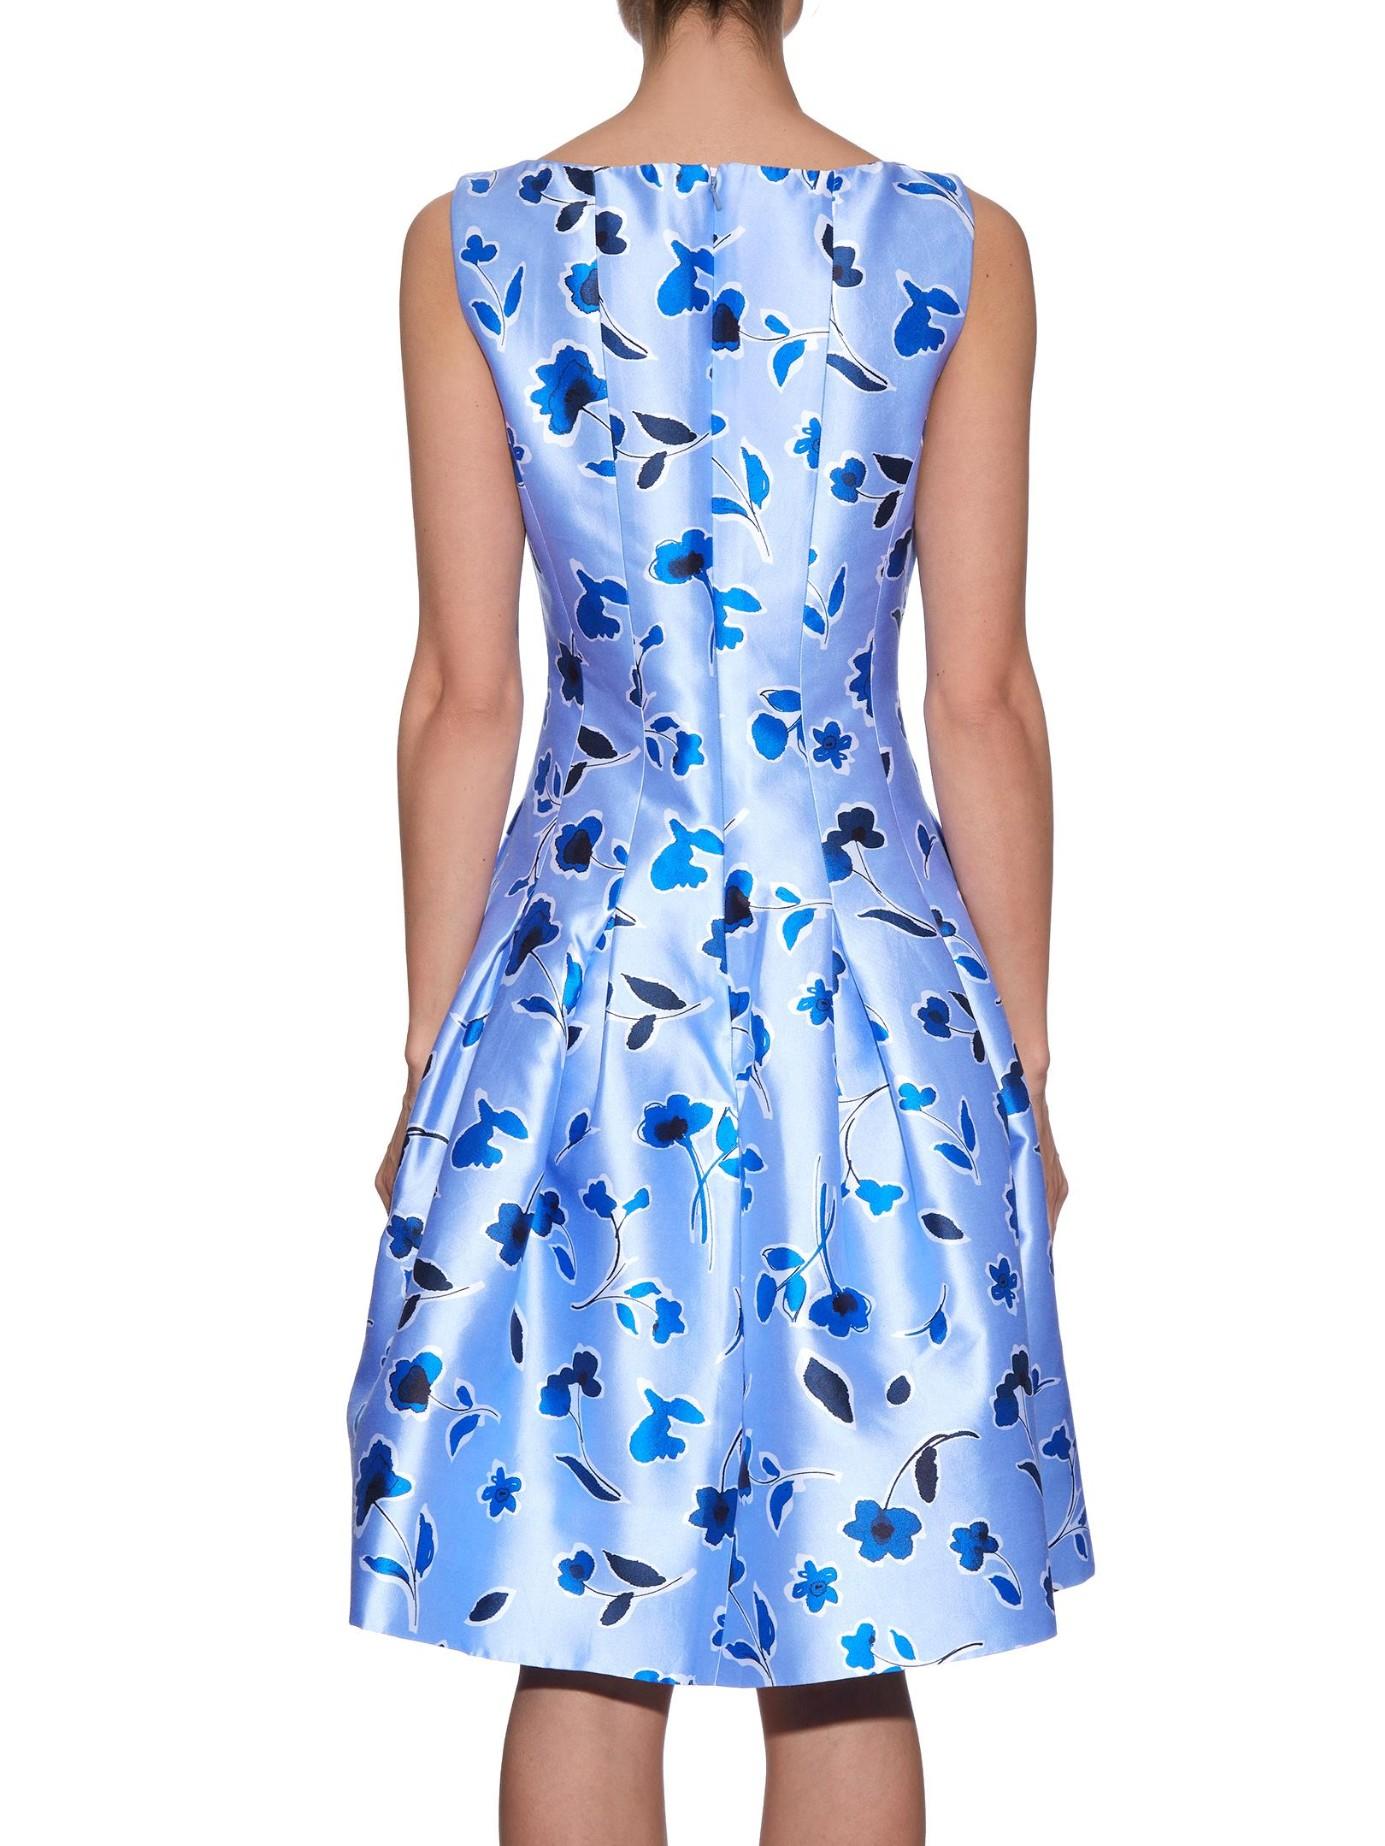 2b543f8e16bcb Oscar de la Renta Pleated Printed Silk And Cotton-blend Dress in ...